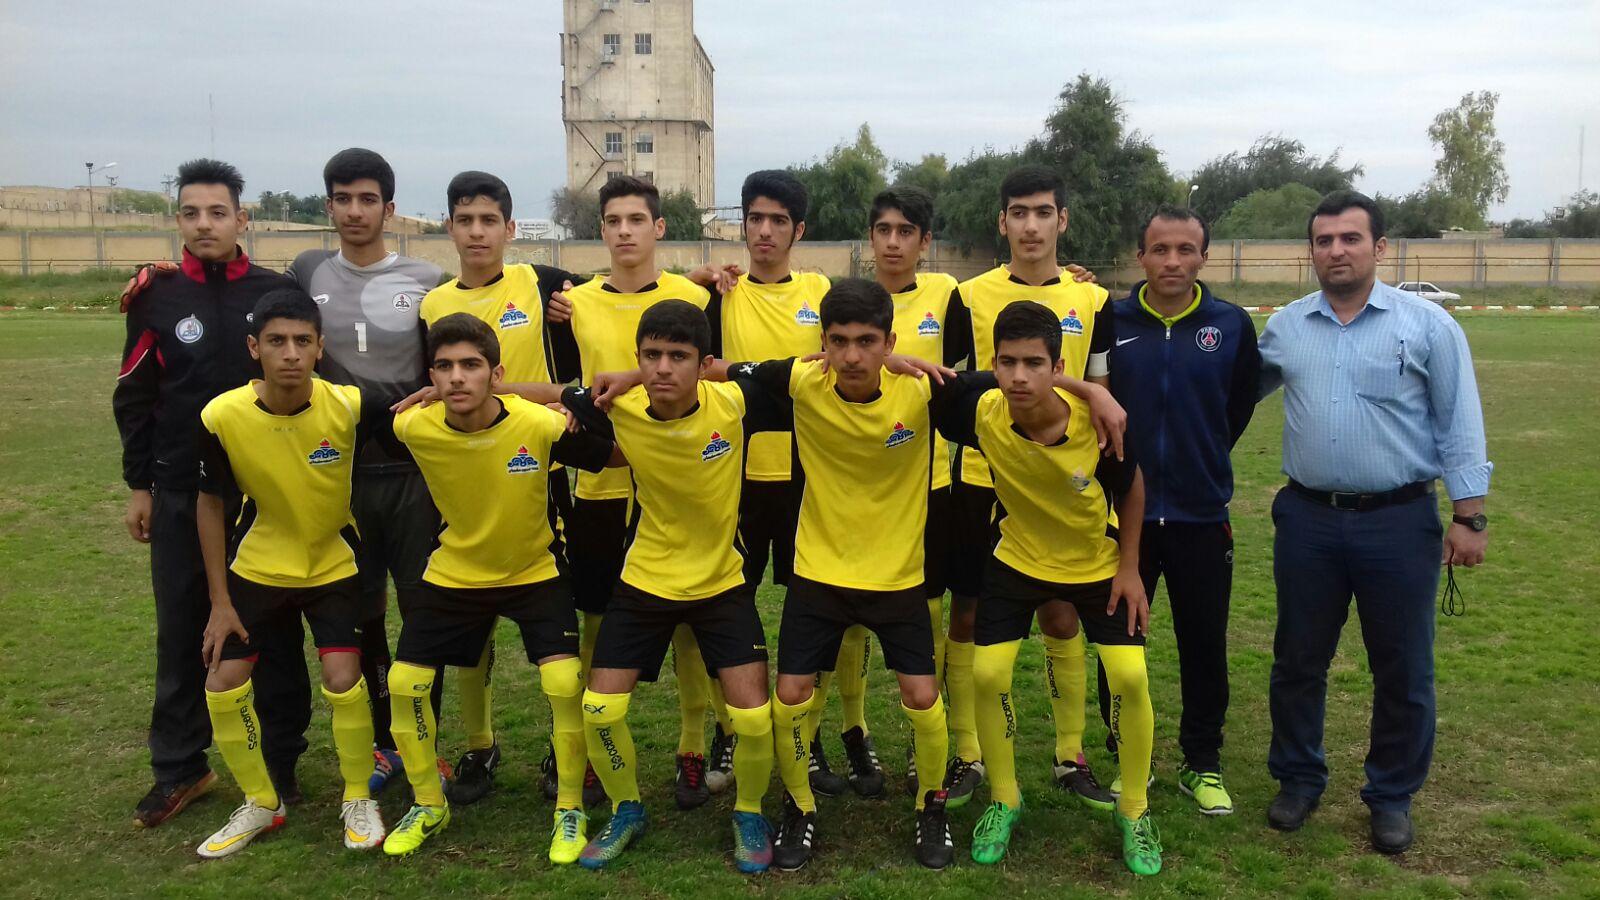 قهرمانی نوجوانان نفت مسجدسلیمان در لیگ برتر خوزستان + تصویر